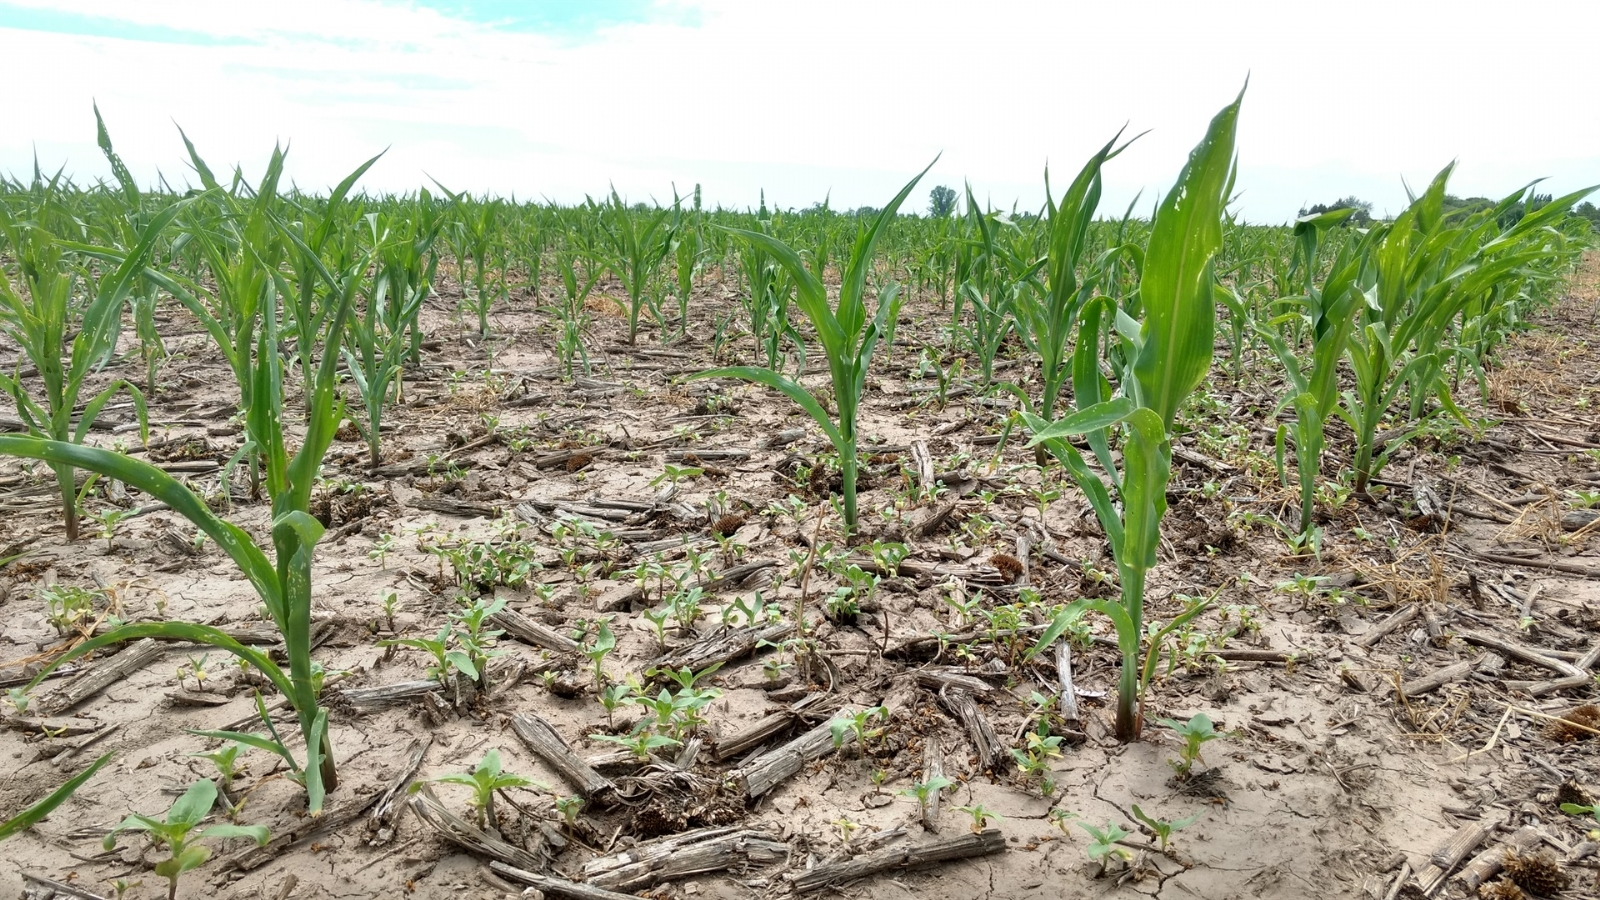 Declaran en emergencia agropecuaria a 27 distritos bonaerenses por sequía